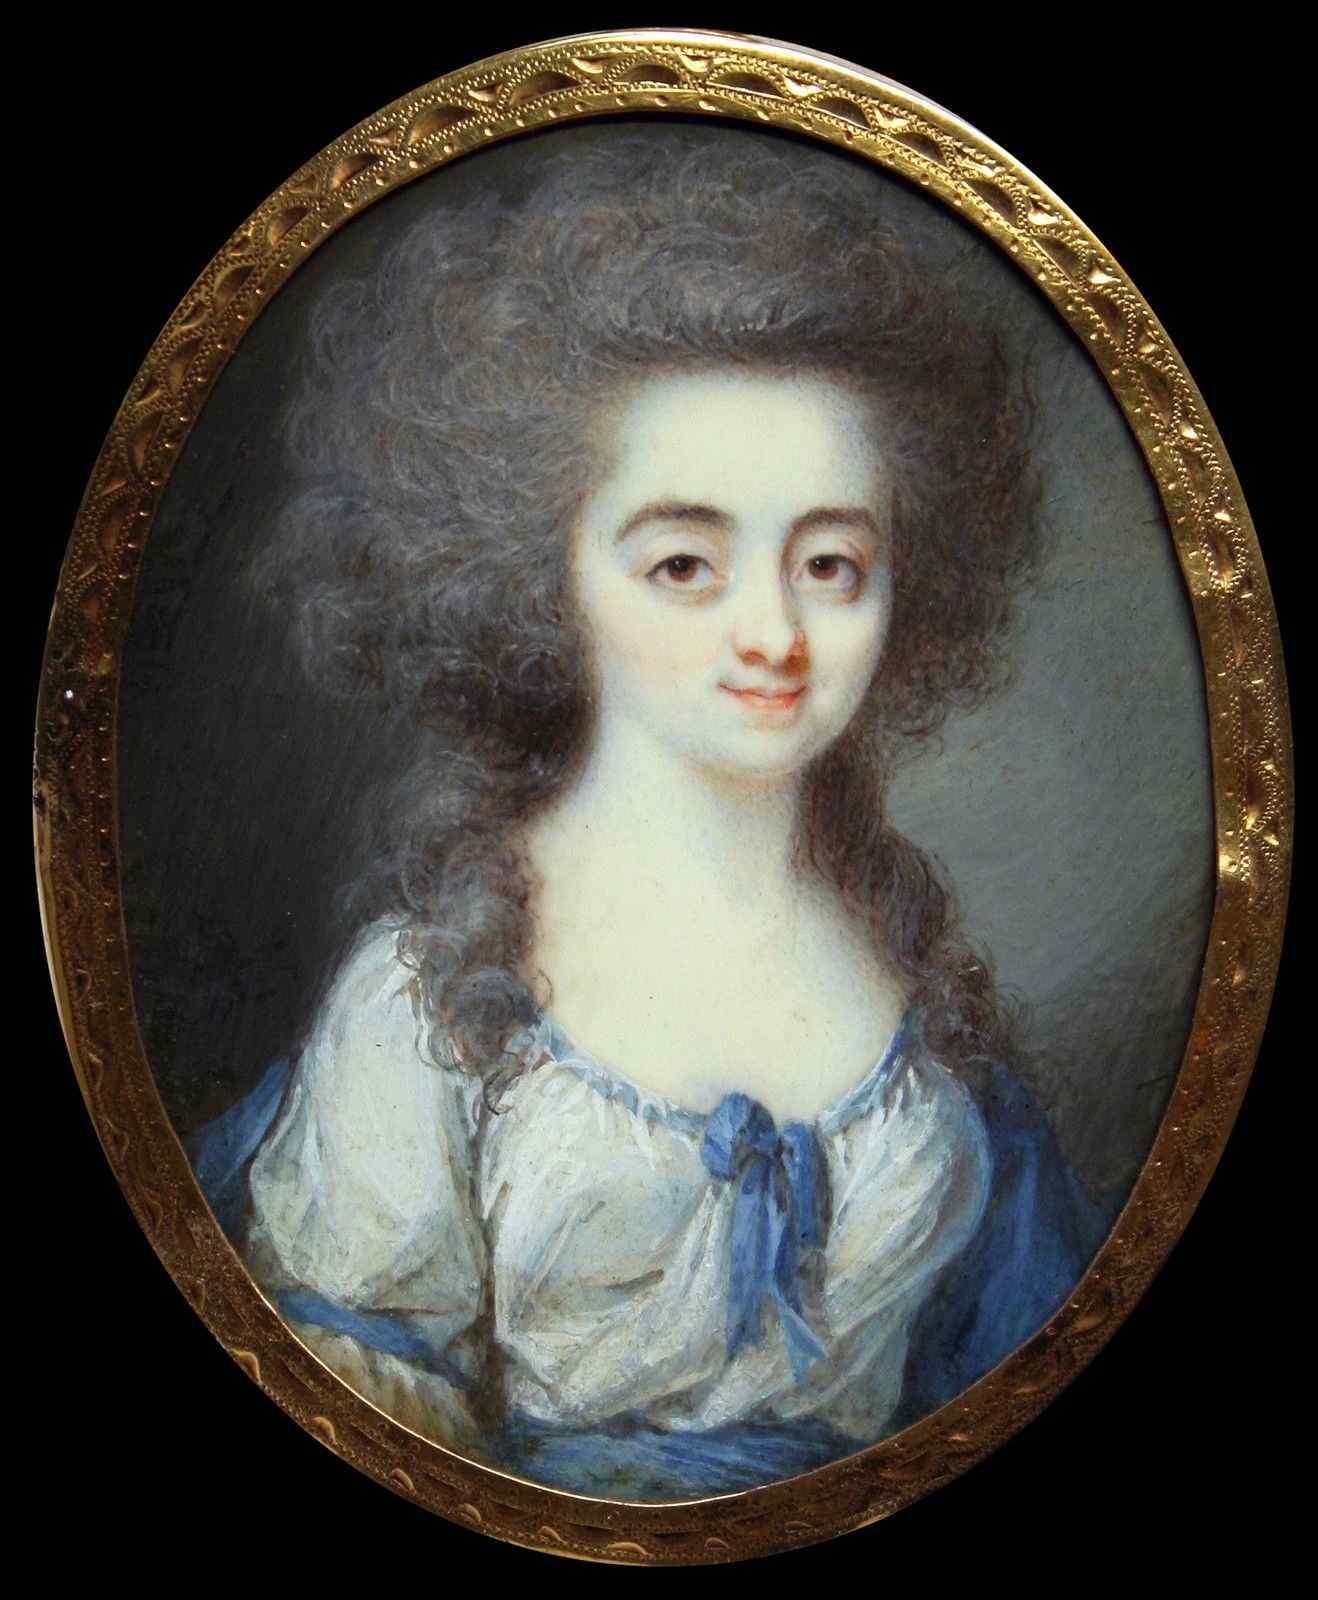 Dubourg, Ritratto di una giovane donna, miniatura